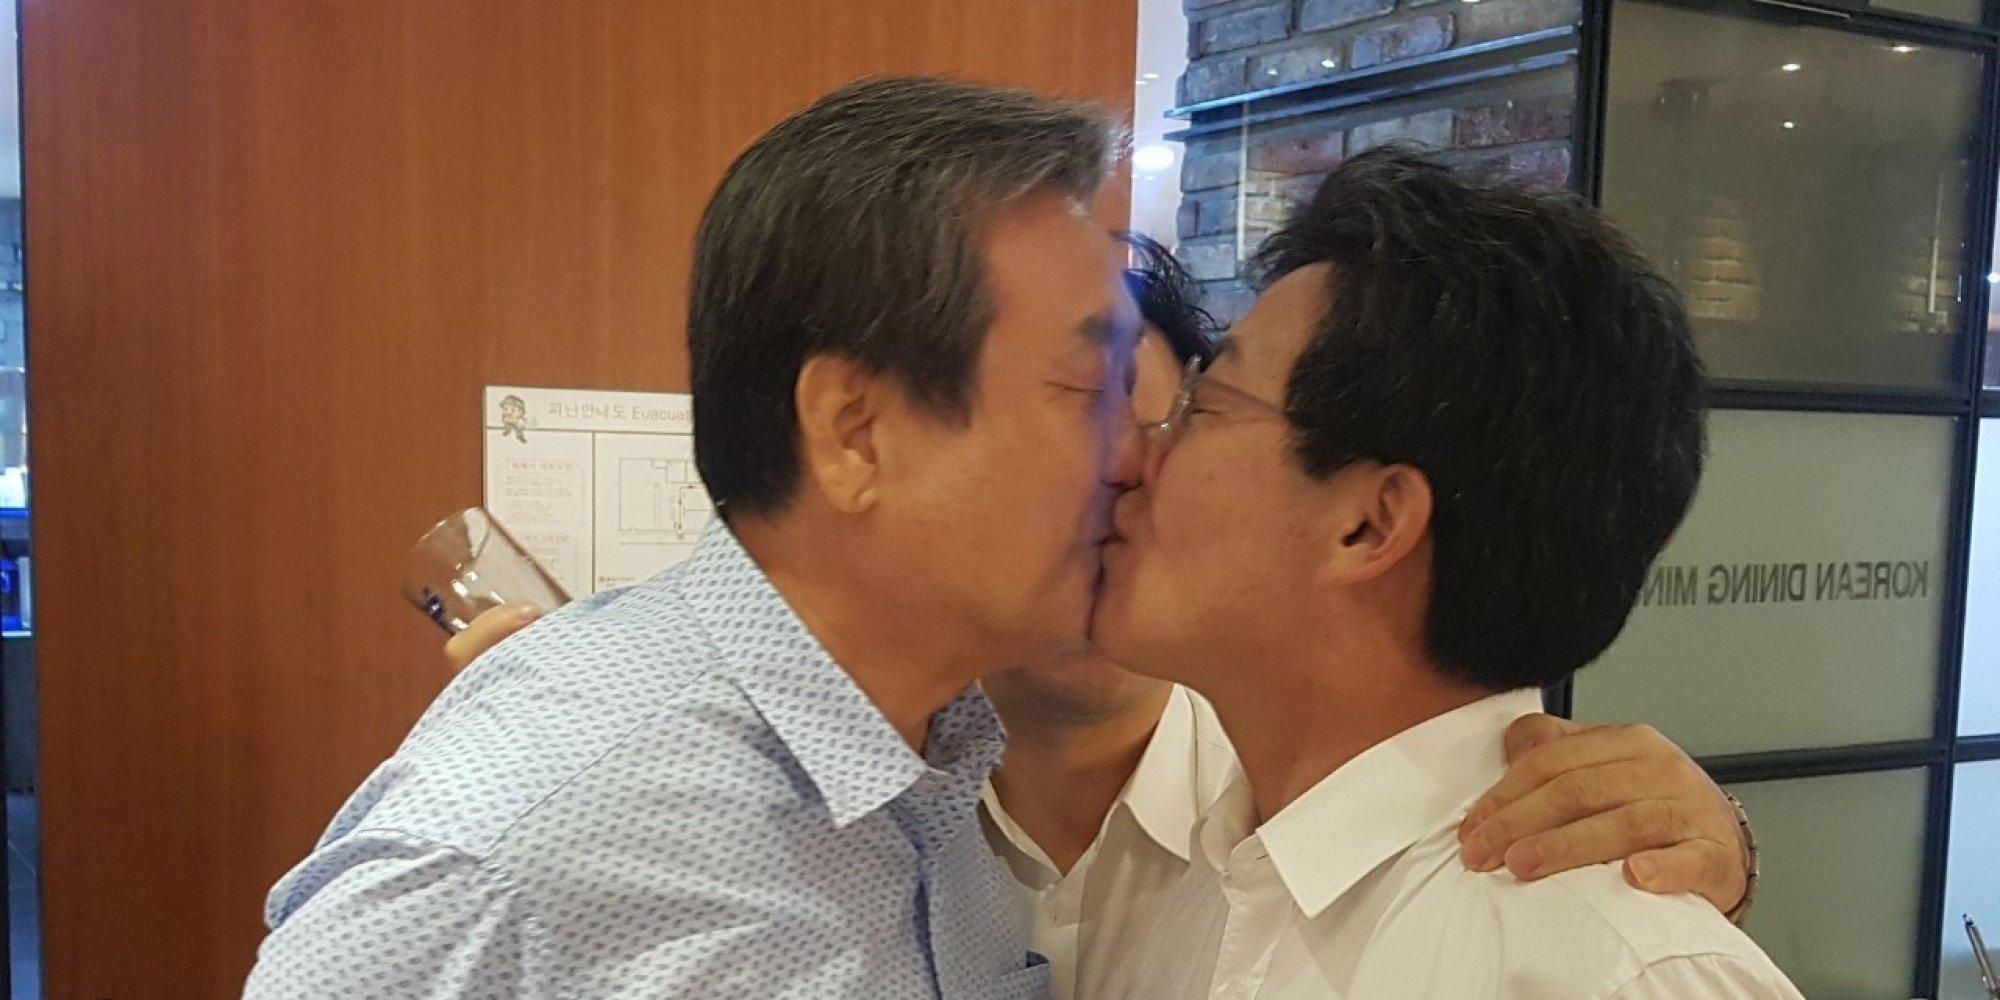 김무성 의원과 유승민 의원이 만찬 도중 키스했다  https://t.co/XhdQ0BNKid https://t.co/avD90VTfaq